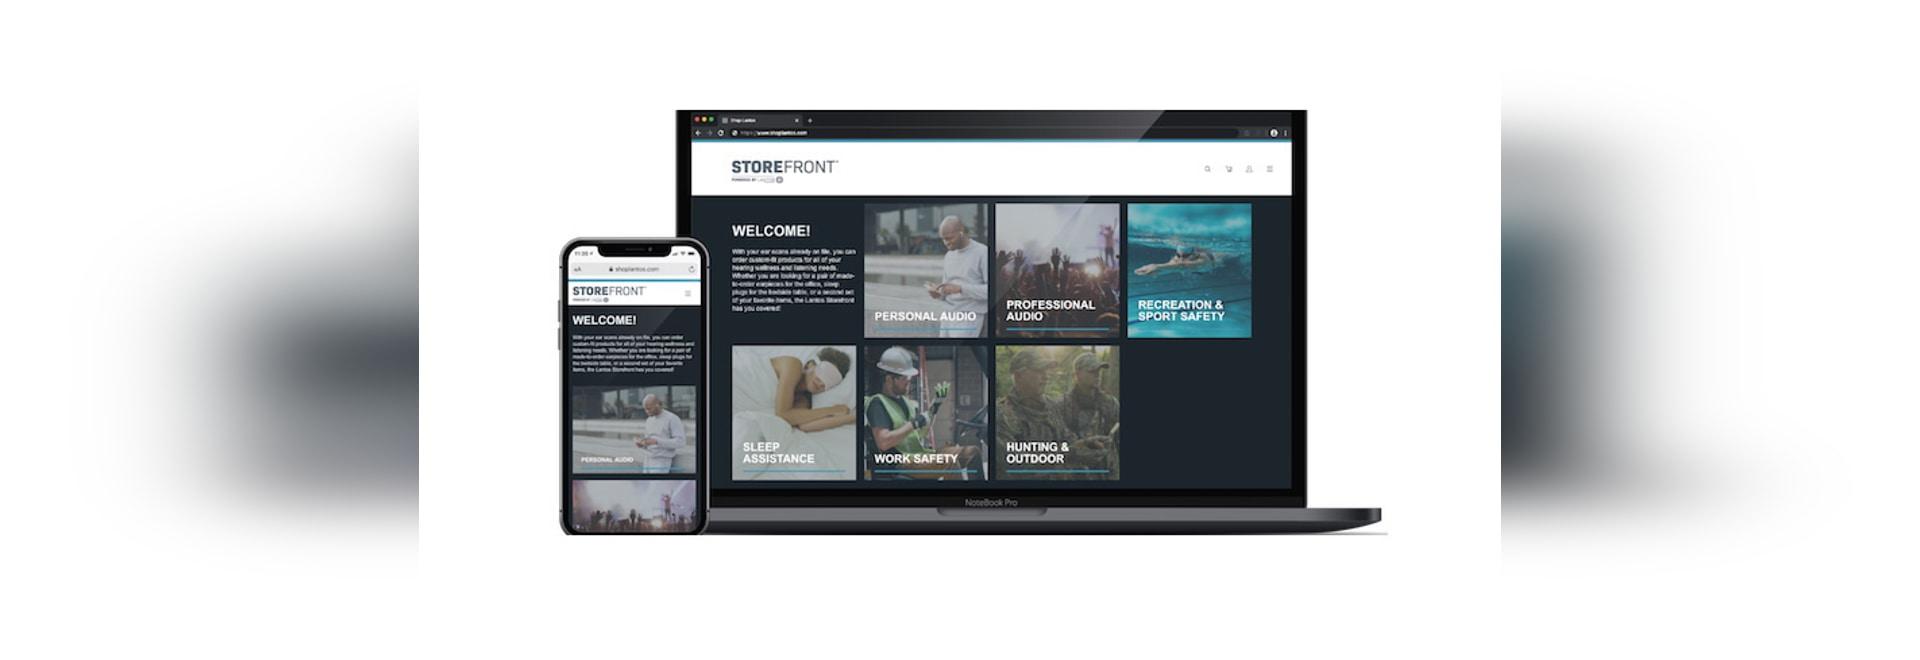 Lantos lance un portail de produits intra-auriculaires B2C à distance